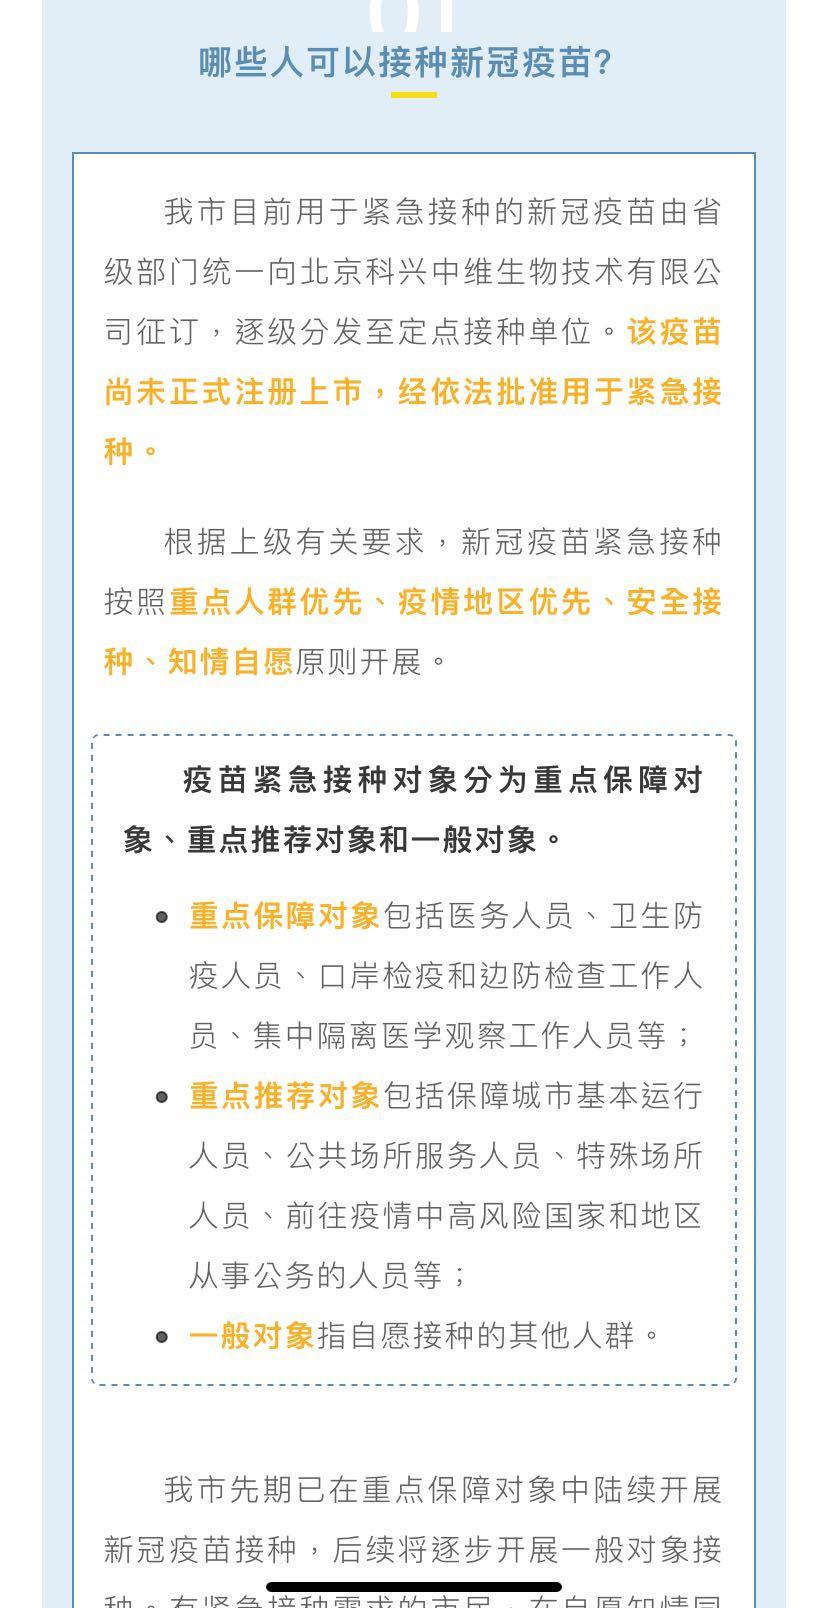 """浙江嘉兴市疾控中心发布接种细则,称此次浙江用于紧急接种的新冠疫苗为""""北京科兴中维生物技术有限公司""""所研发。"""